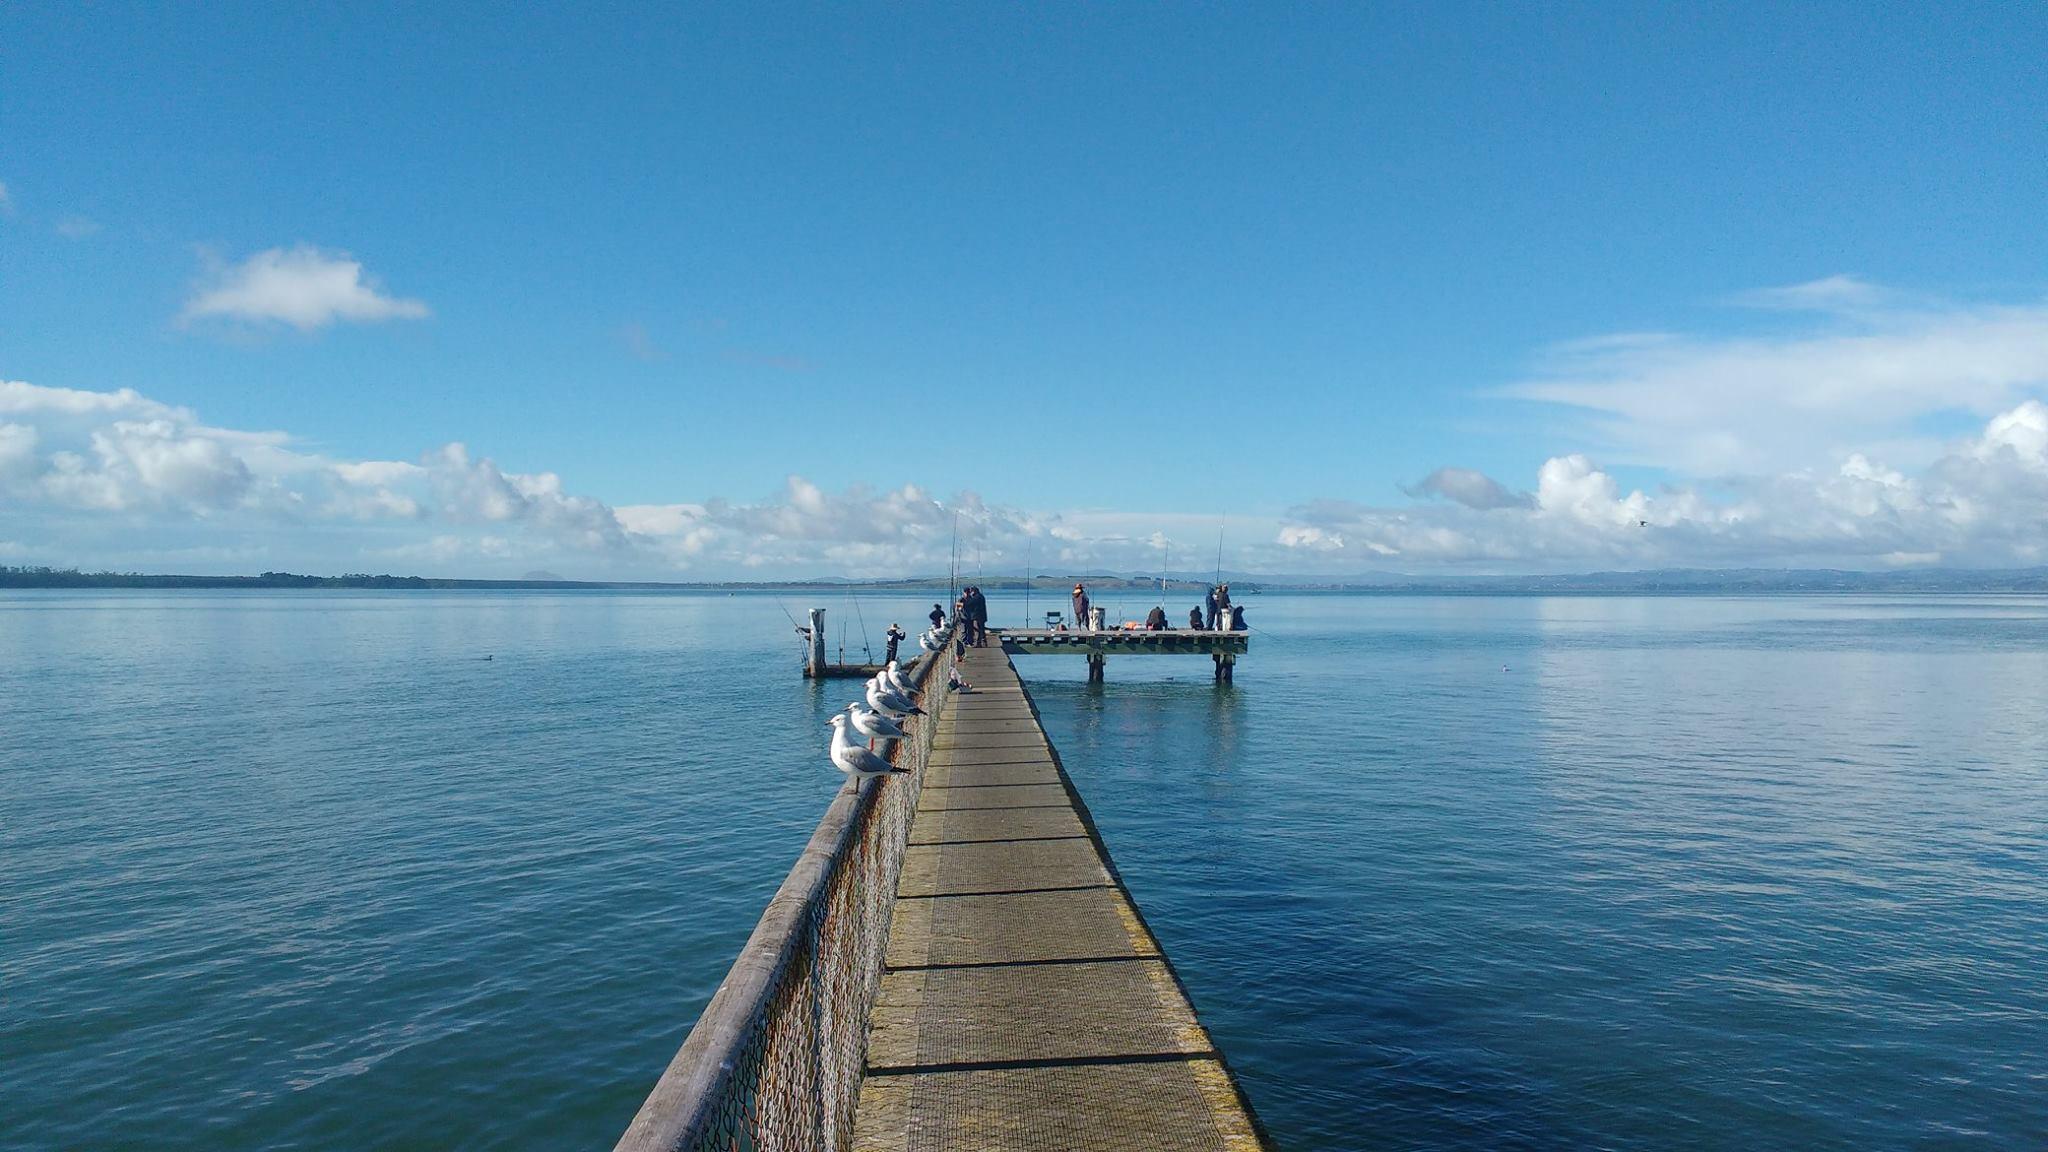 ニュージーランド旅ブログ・真冬の6週間縦断②【ロトルア】